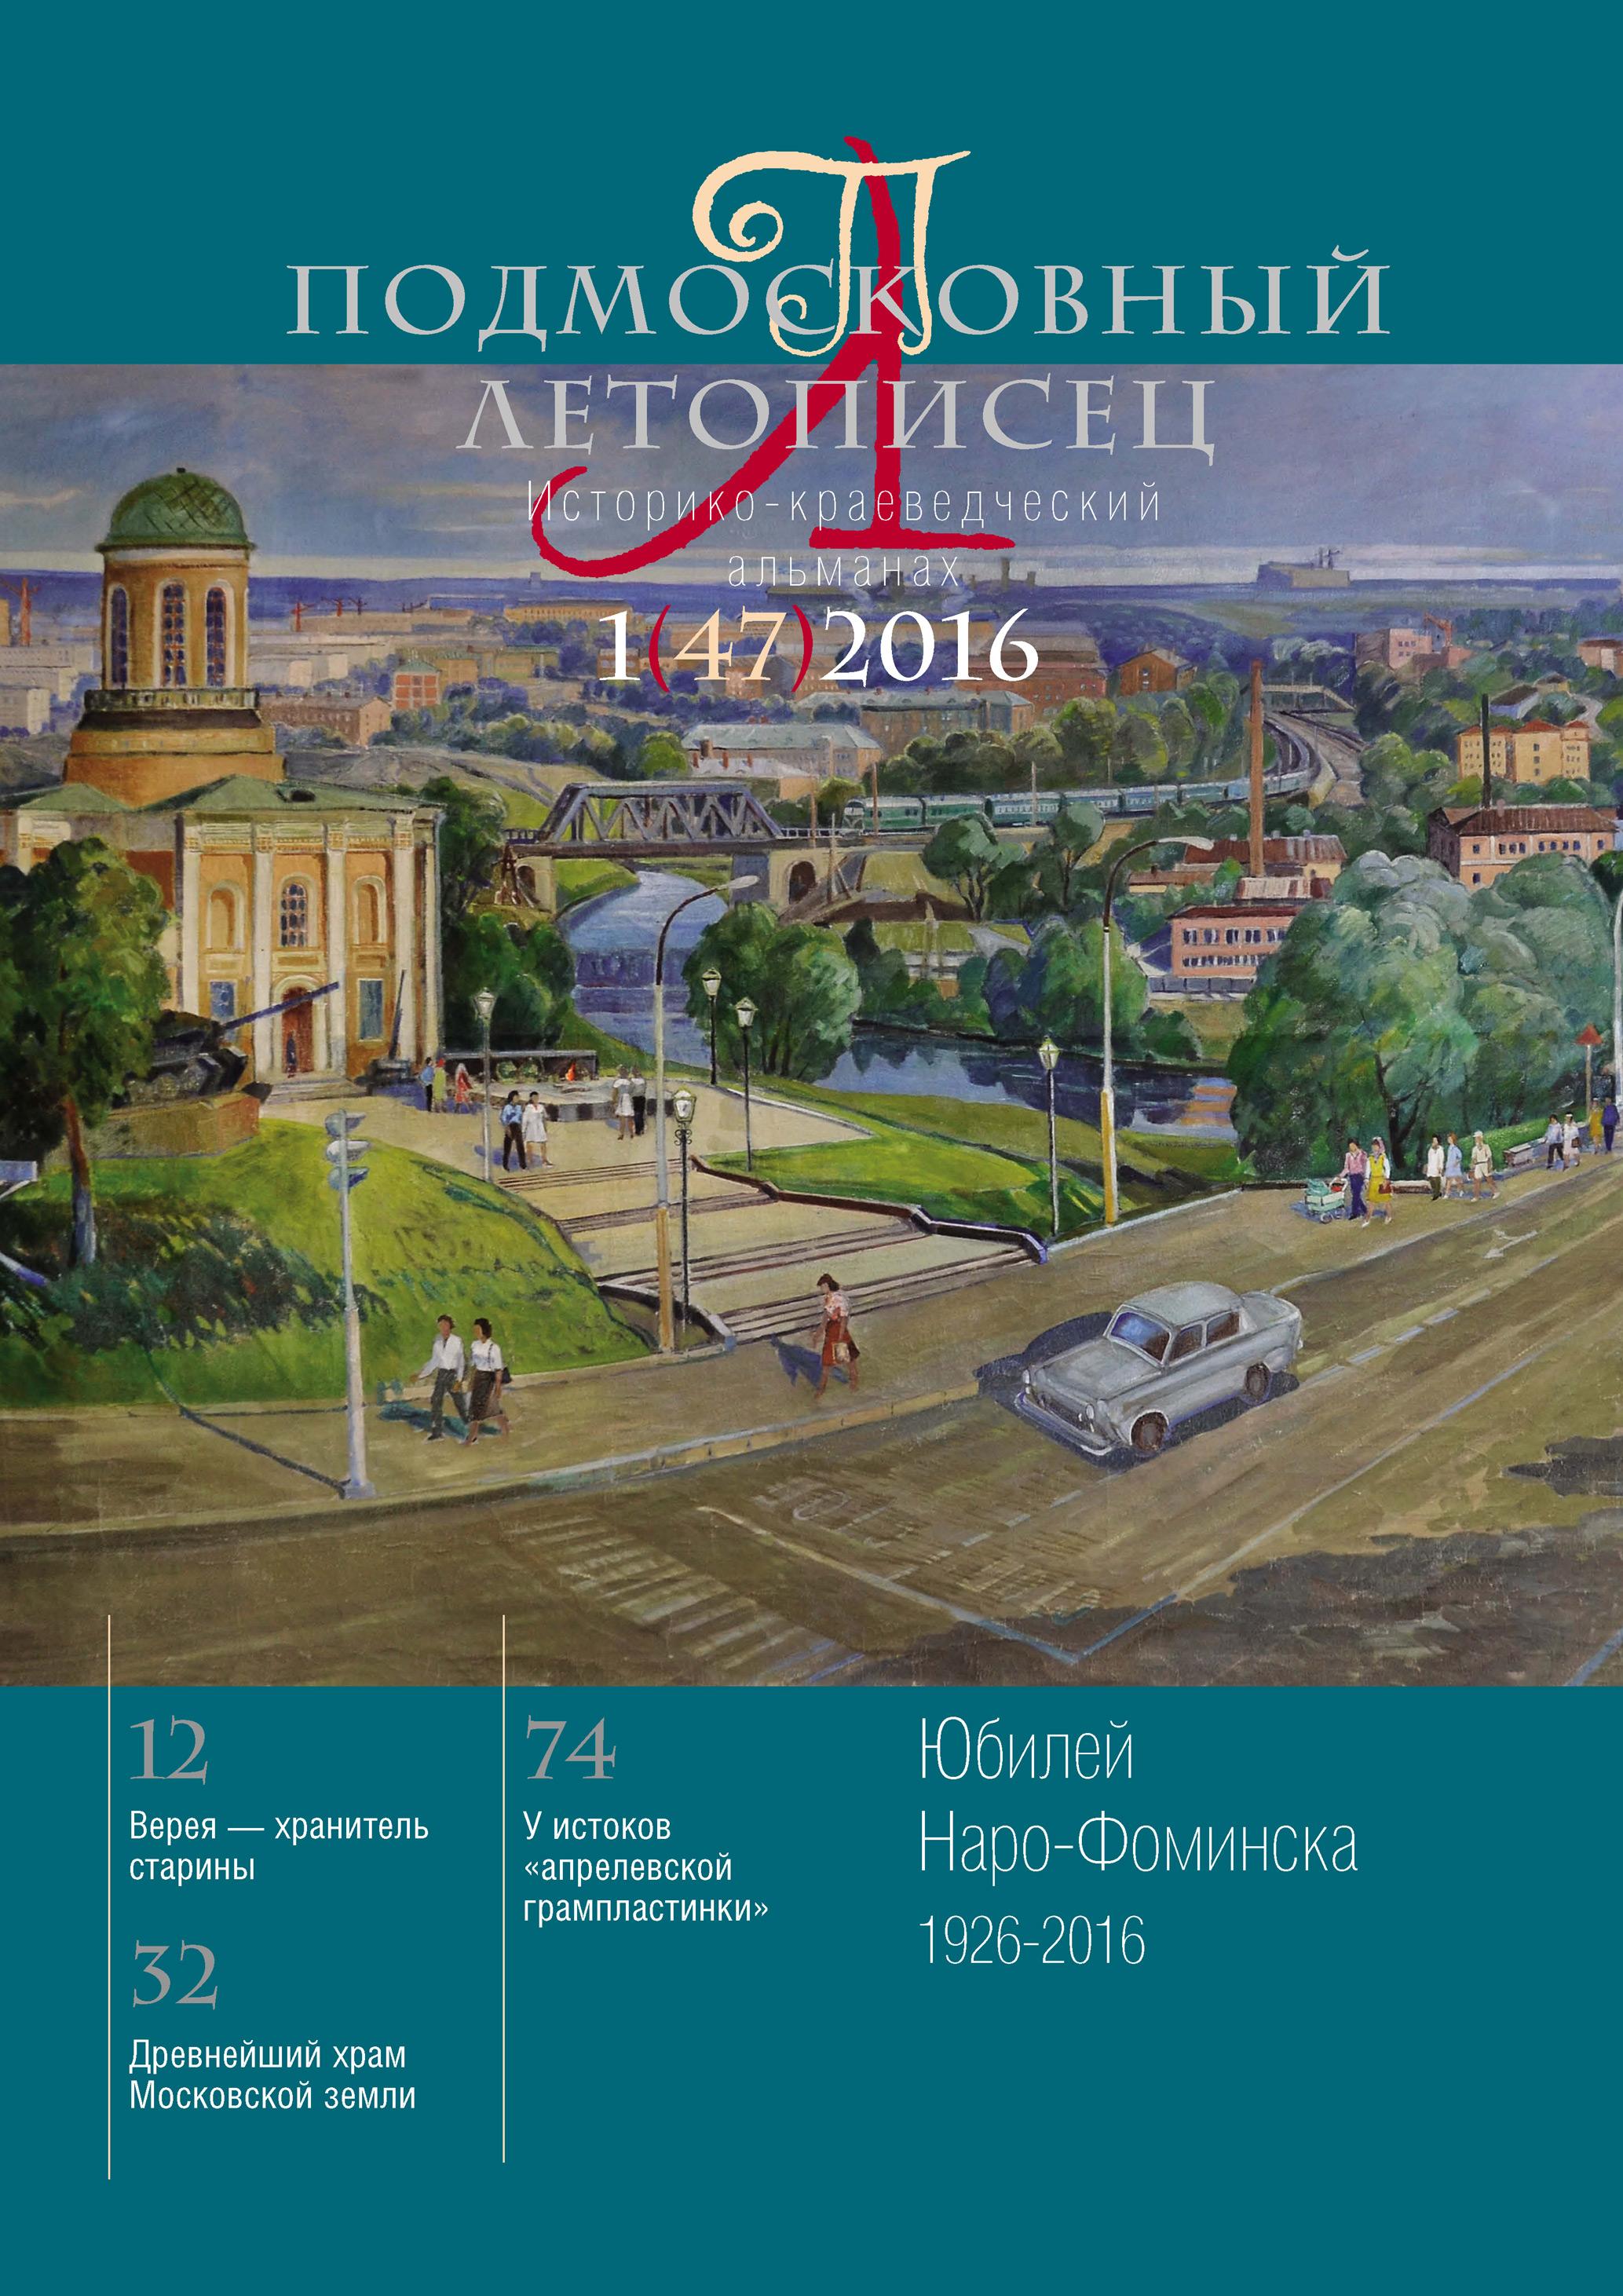 Отсутстует Подмосконый летописец № 1 (47) 2016